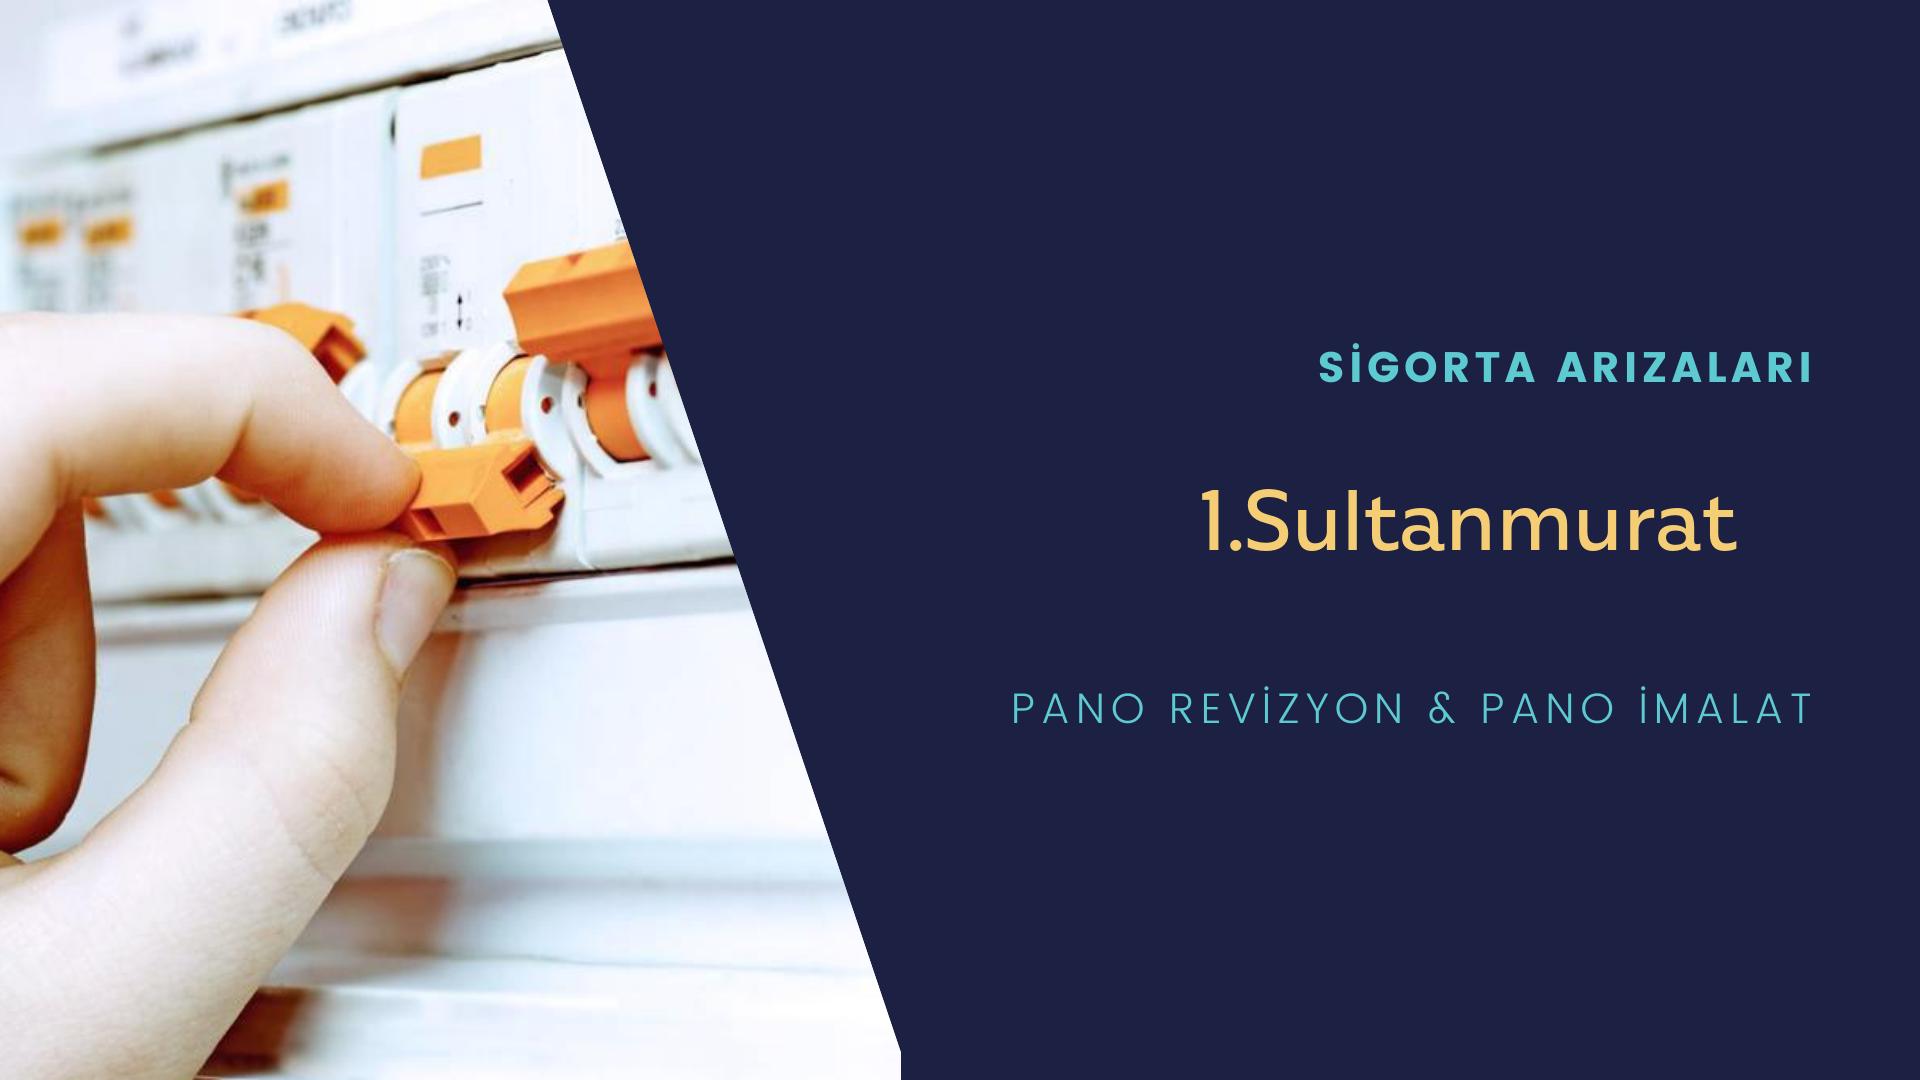 1.Sultanmurat  Sigorta Arızaları İçin Profesyonel Elektrikçi ustalarımızı dilediğiniz zaman arayabilir talepte bulunabilirsiniz.